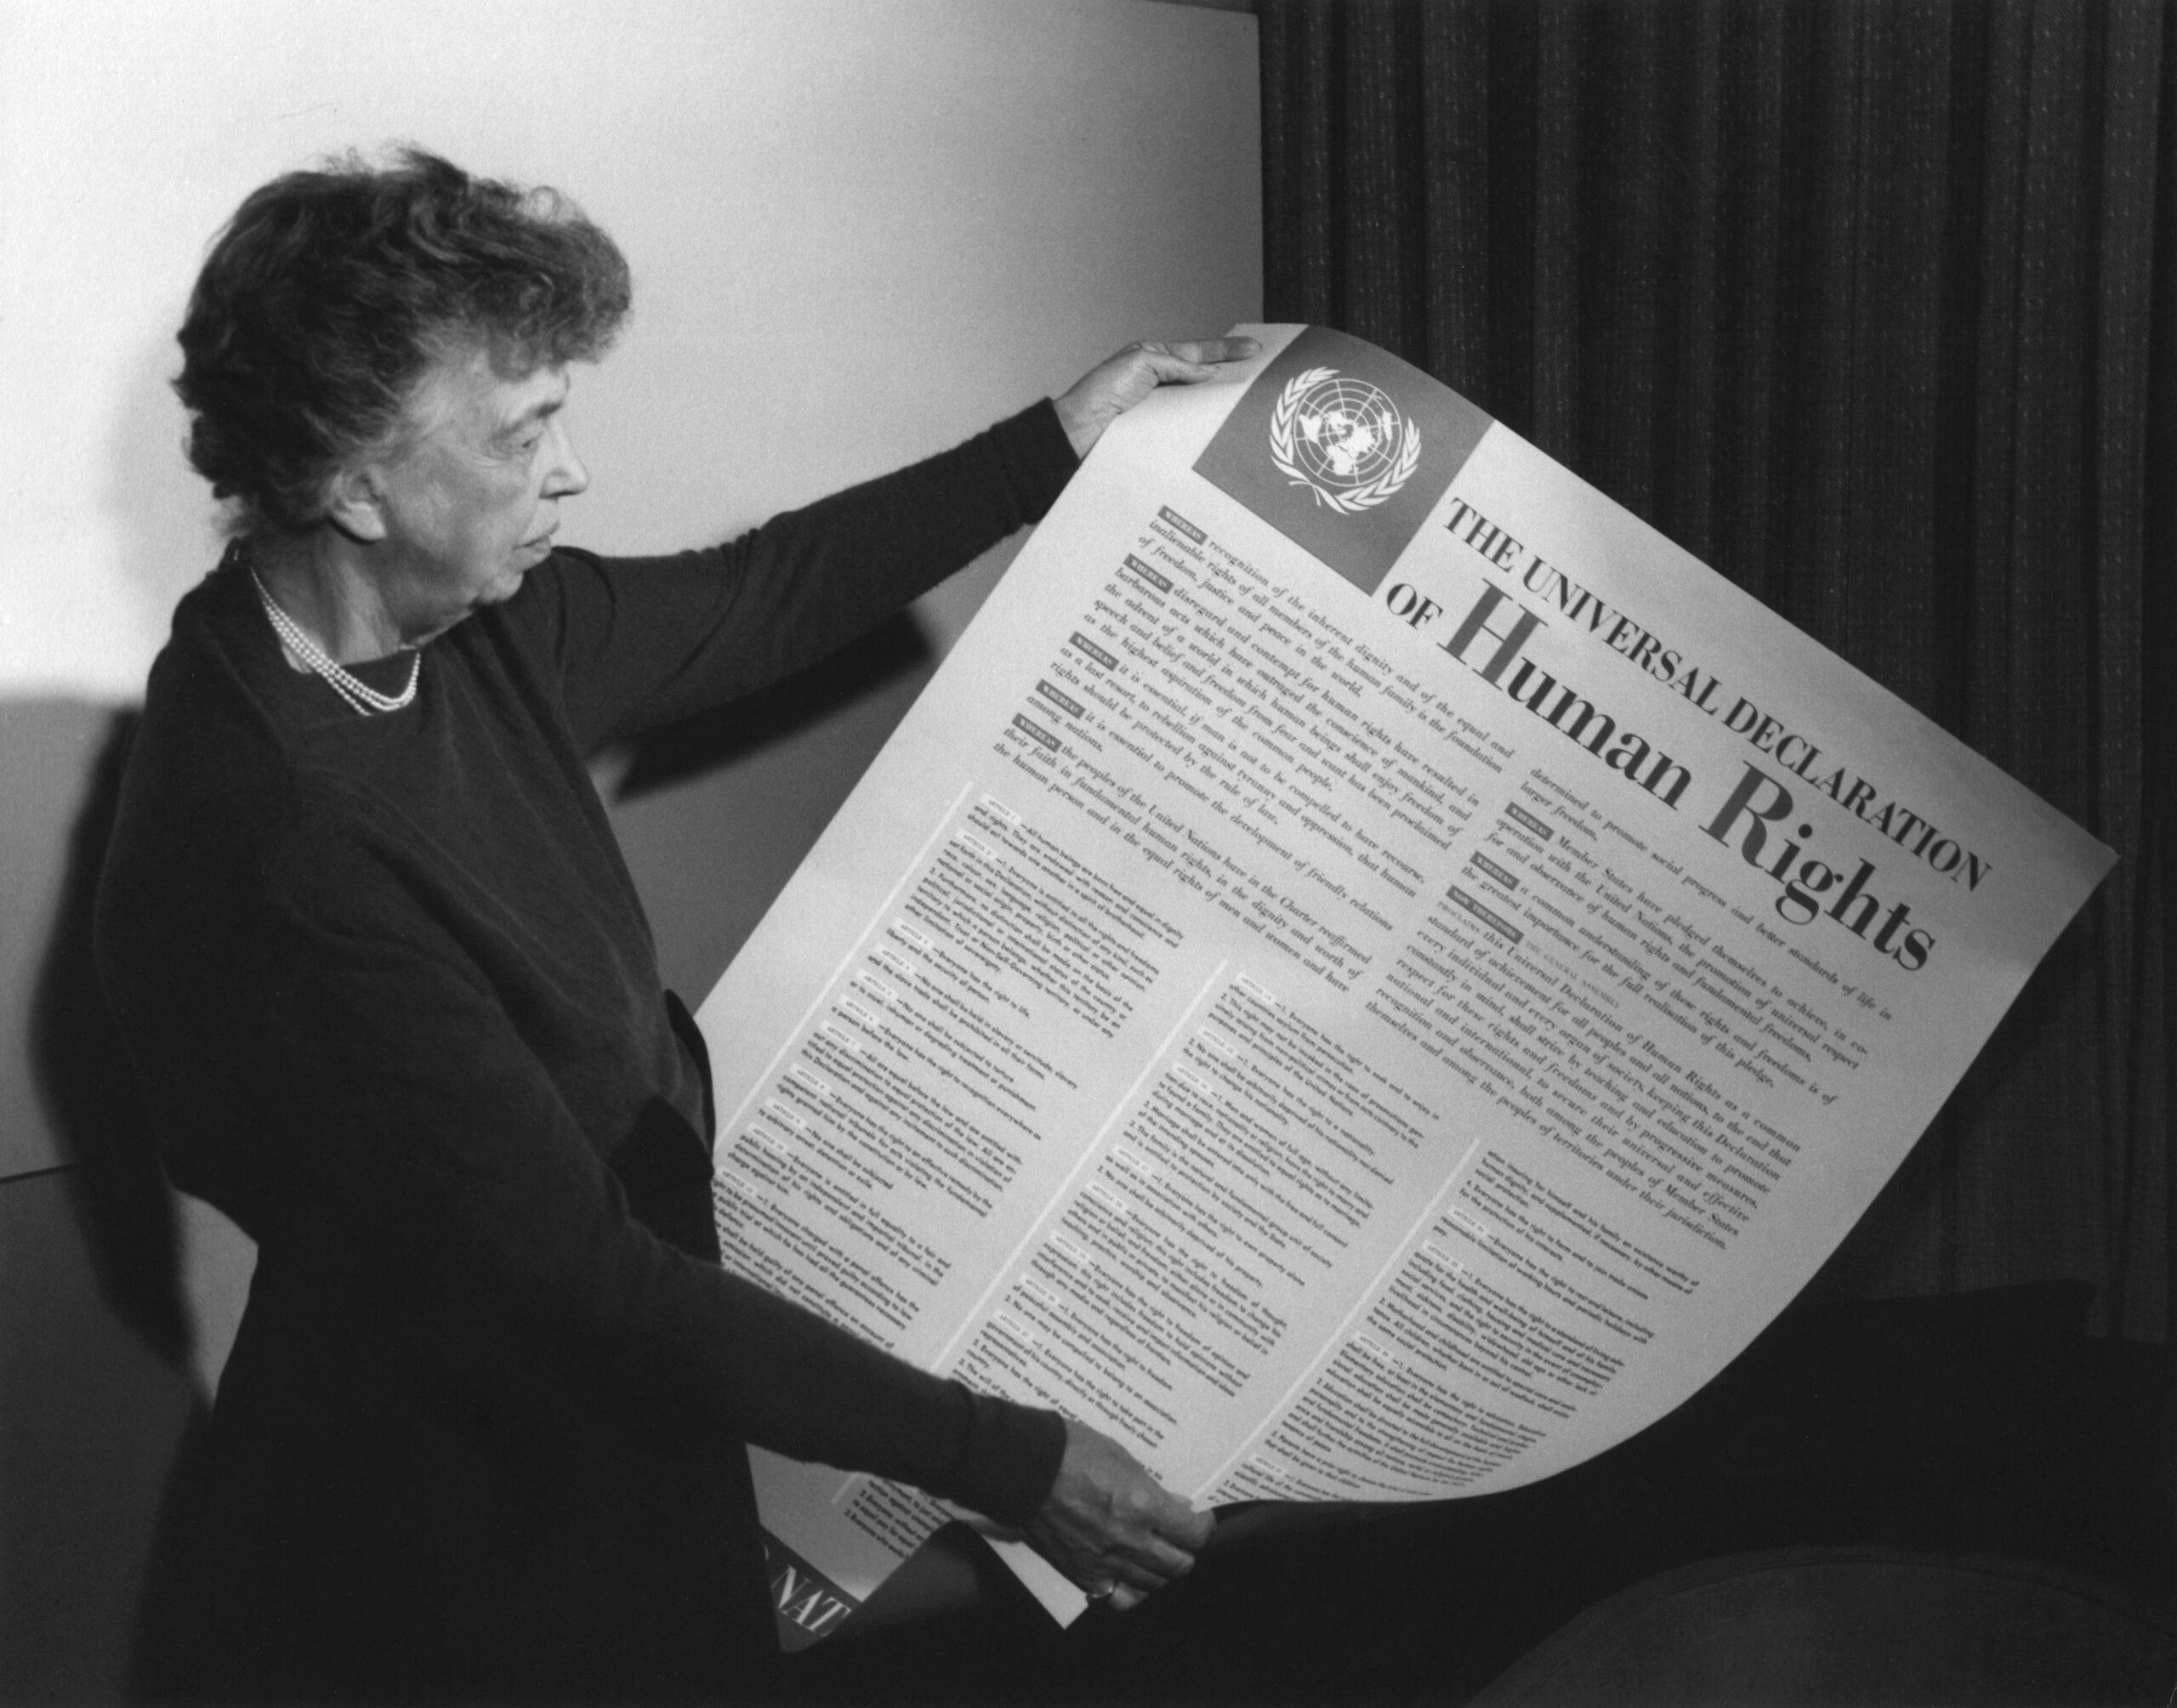 Diritti umani, nel 2020 libertà e dignità non sono di tutti: responsabilità civile e azione per il cambiamento